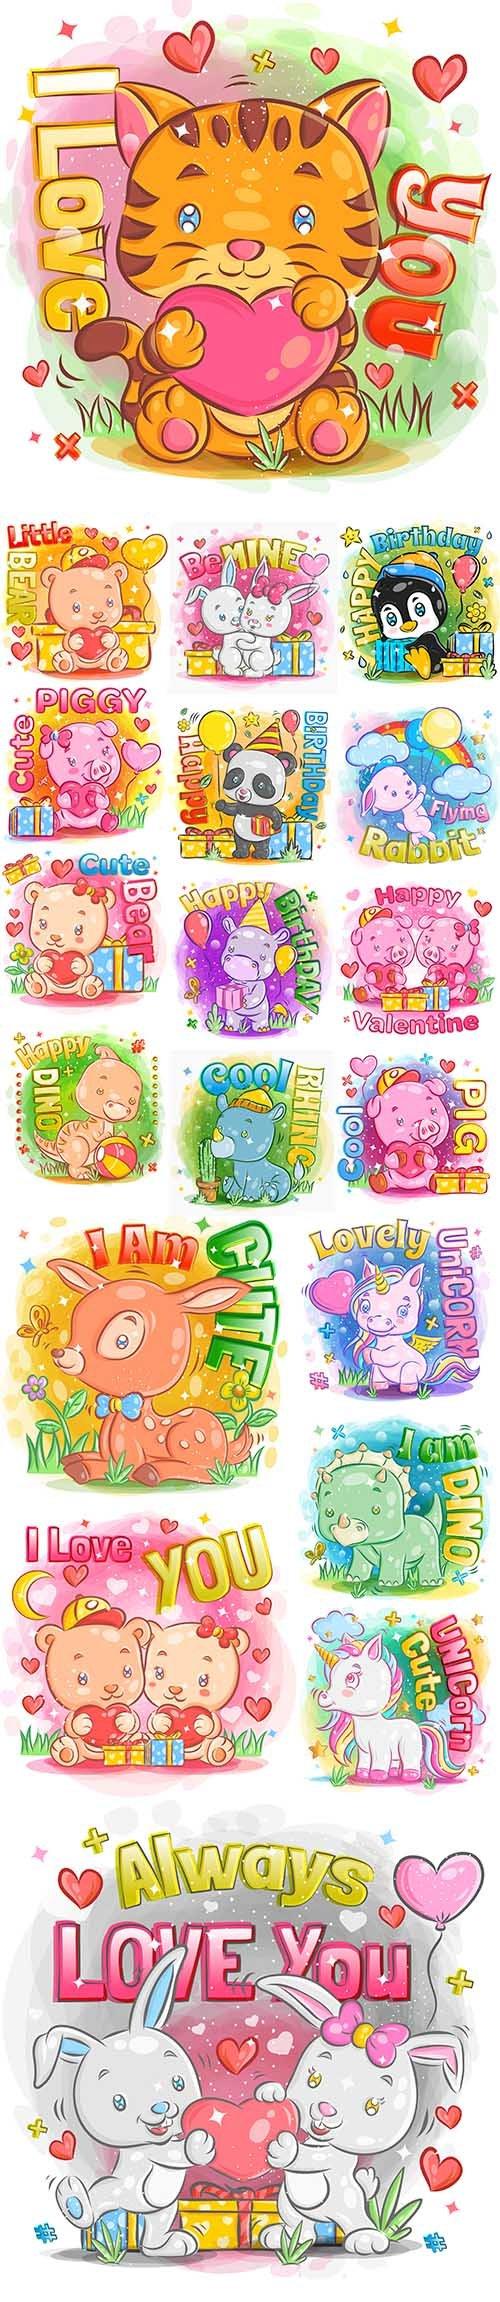 Happy Cute Cartoon Animals Illustrations Premium Set